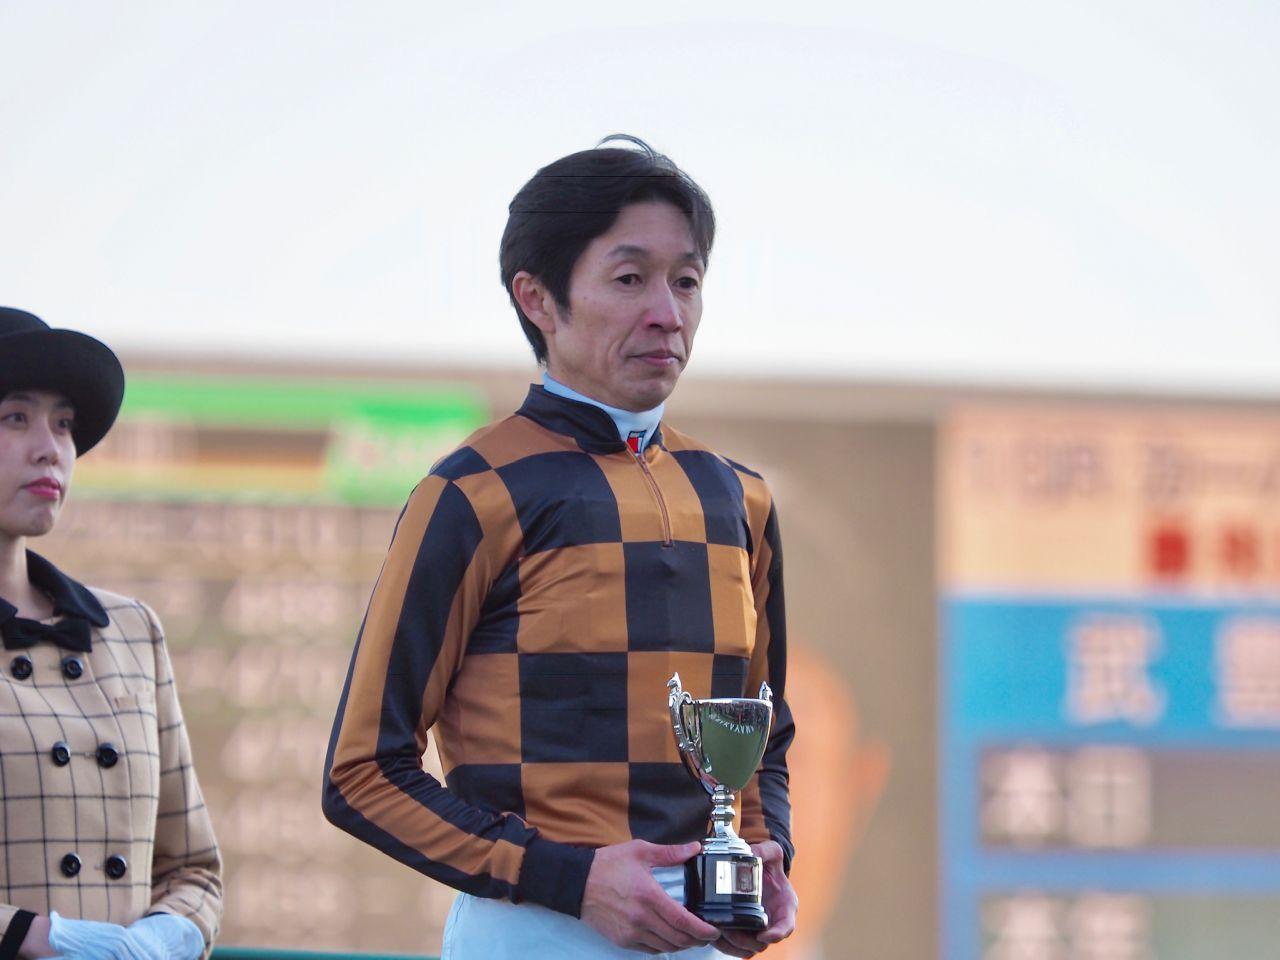 【ジャパンジョッキーズカップ2019】武豊騎手コメントなど